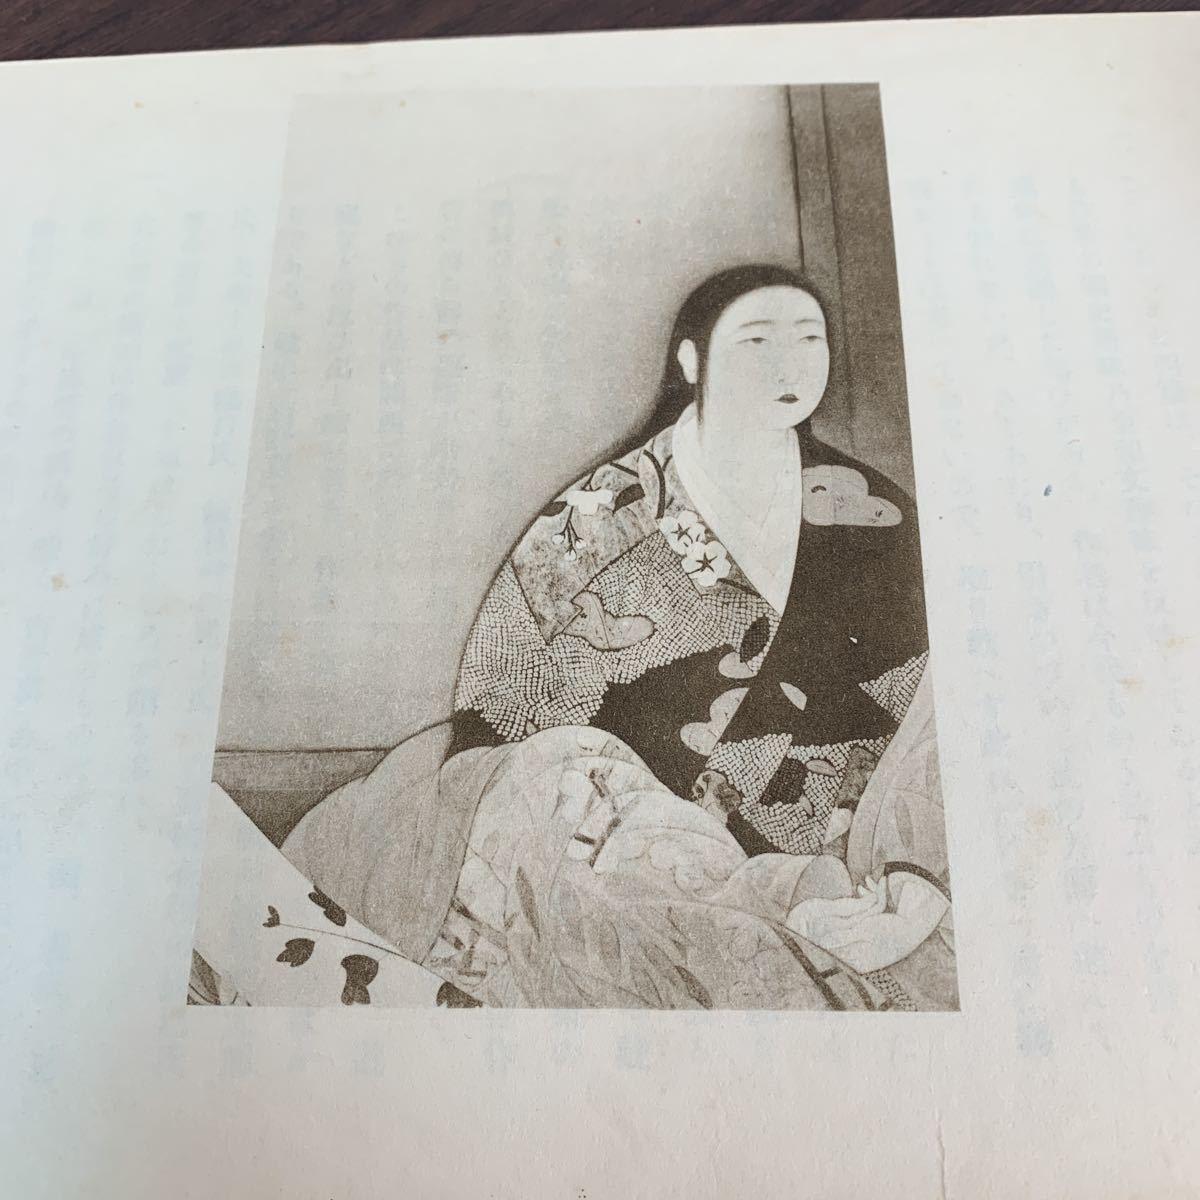 盲目物語 谷崎潤一郎/著 中央公論社 昭和七年/発行